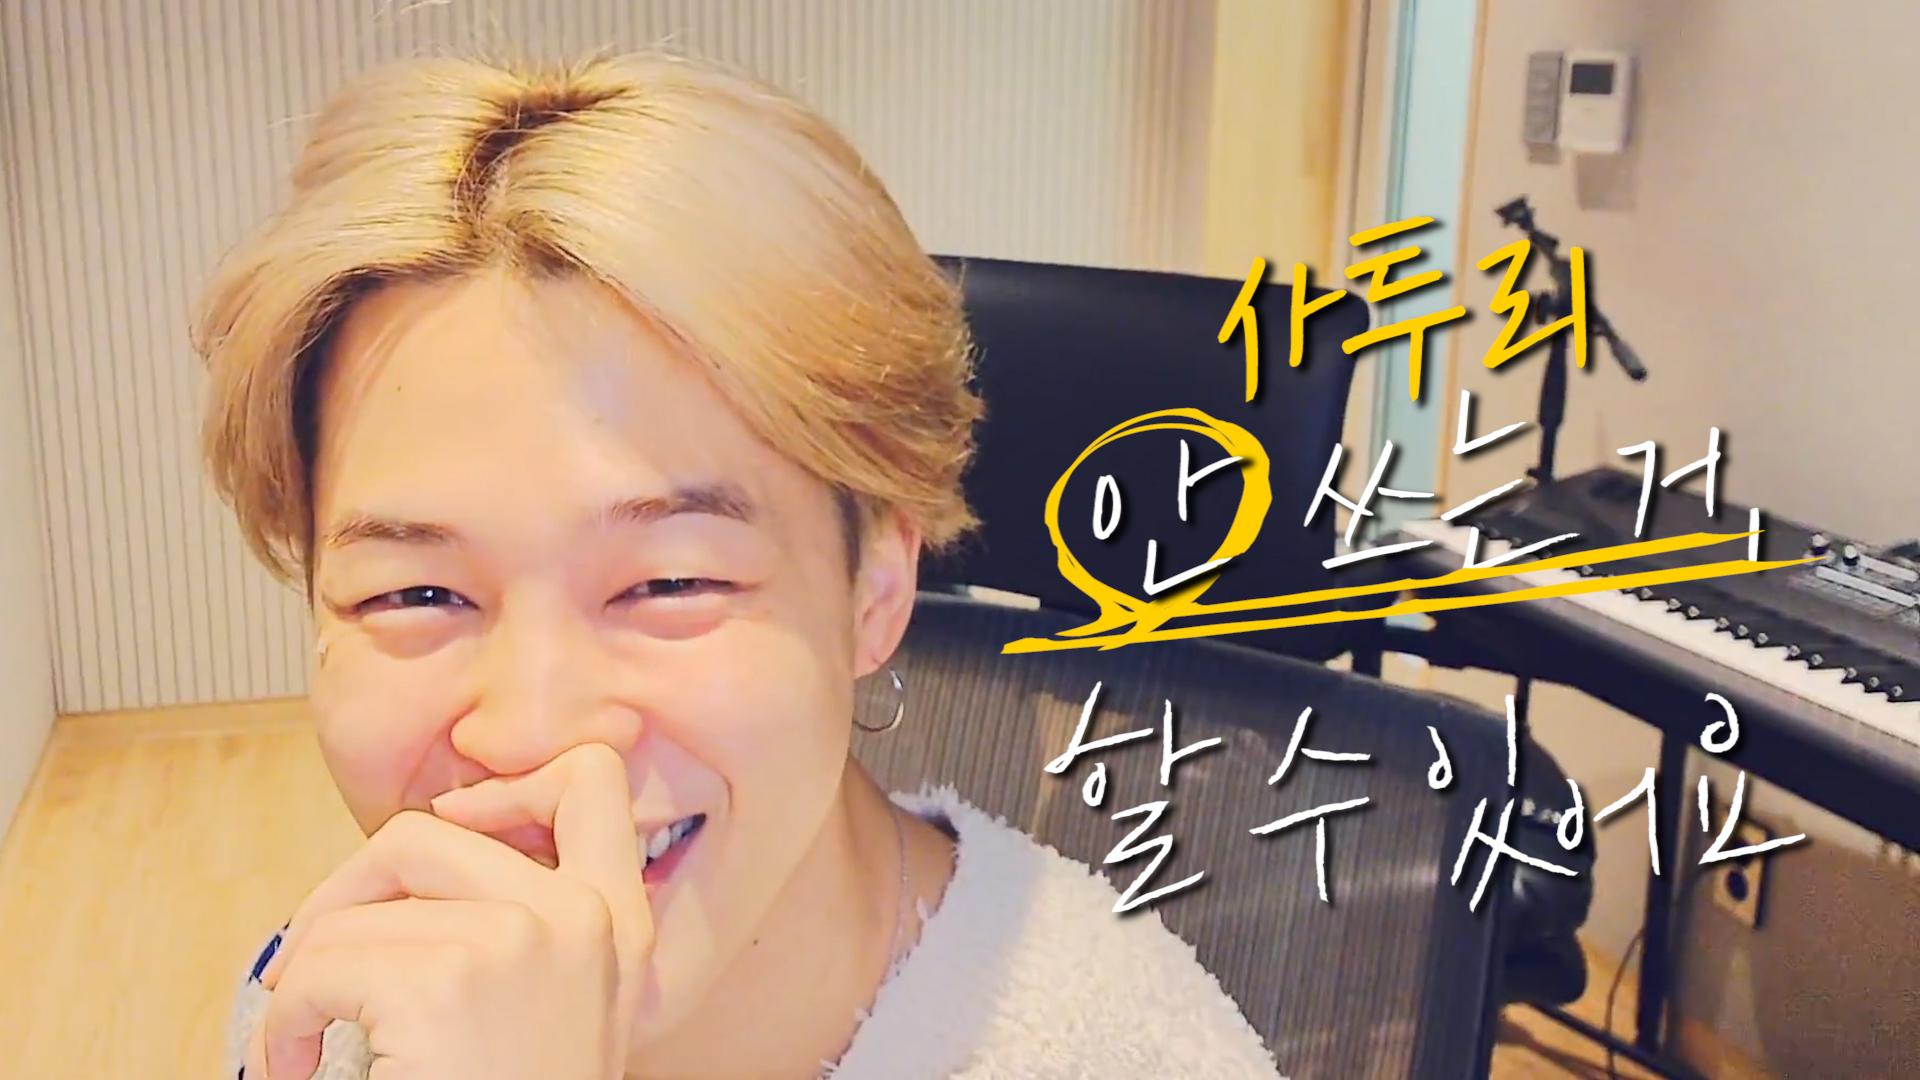 [BTS] 호흡 한번 내리면 박지민❣️ 호흡 한번 올리면 사랑해‼️🥳 (JIMIN's so cute dialect)